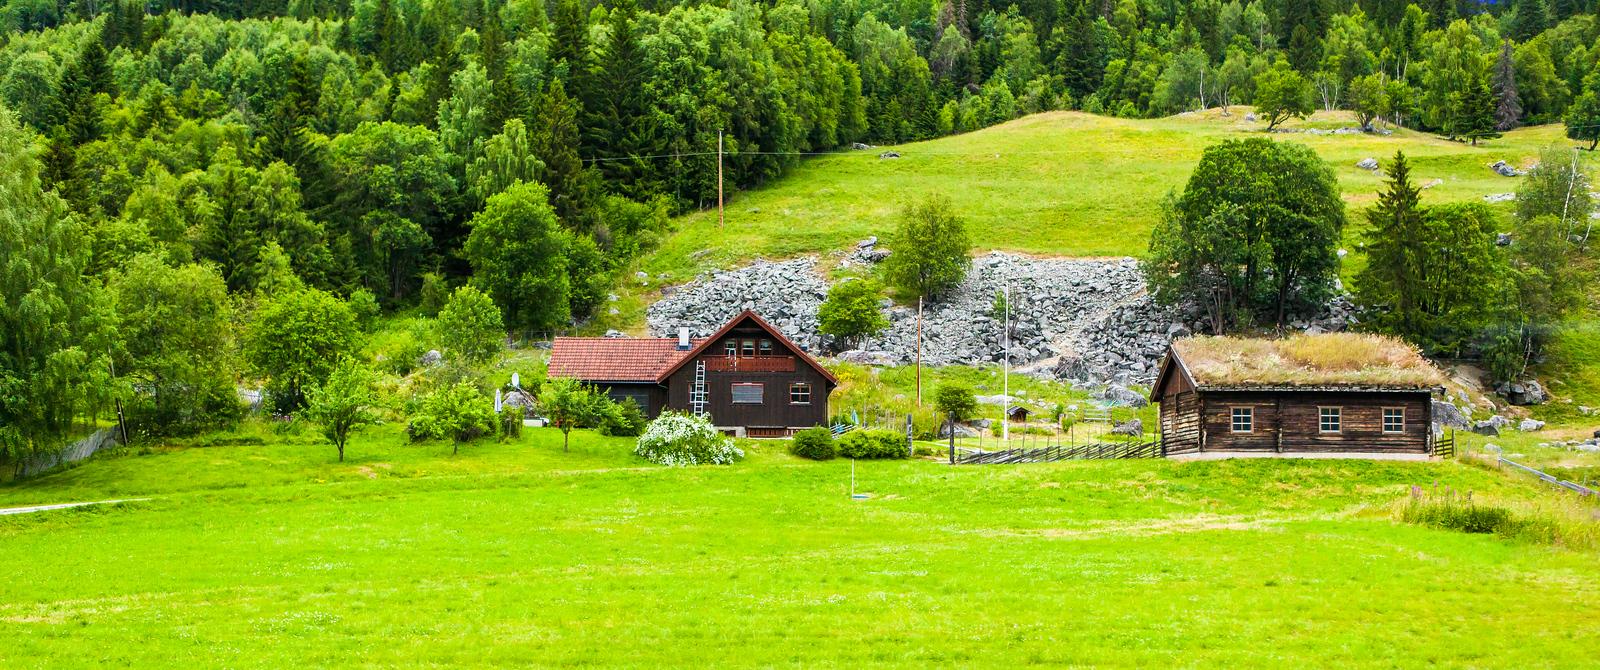 北欧旅途,屋顶长草的民居